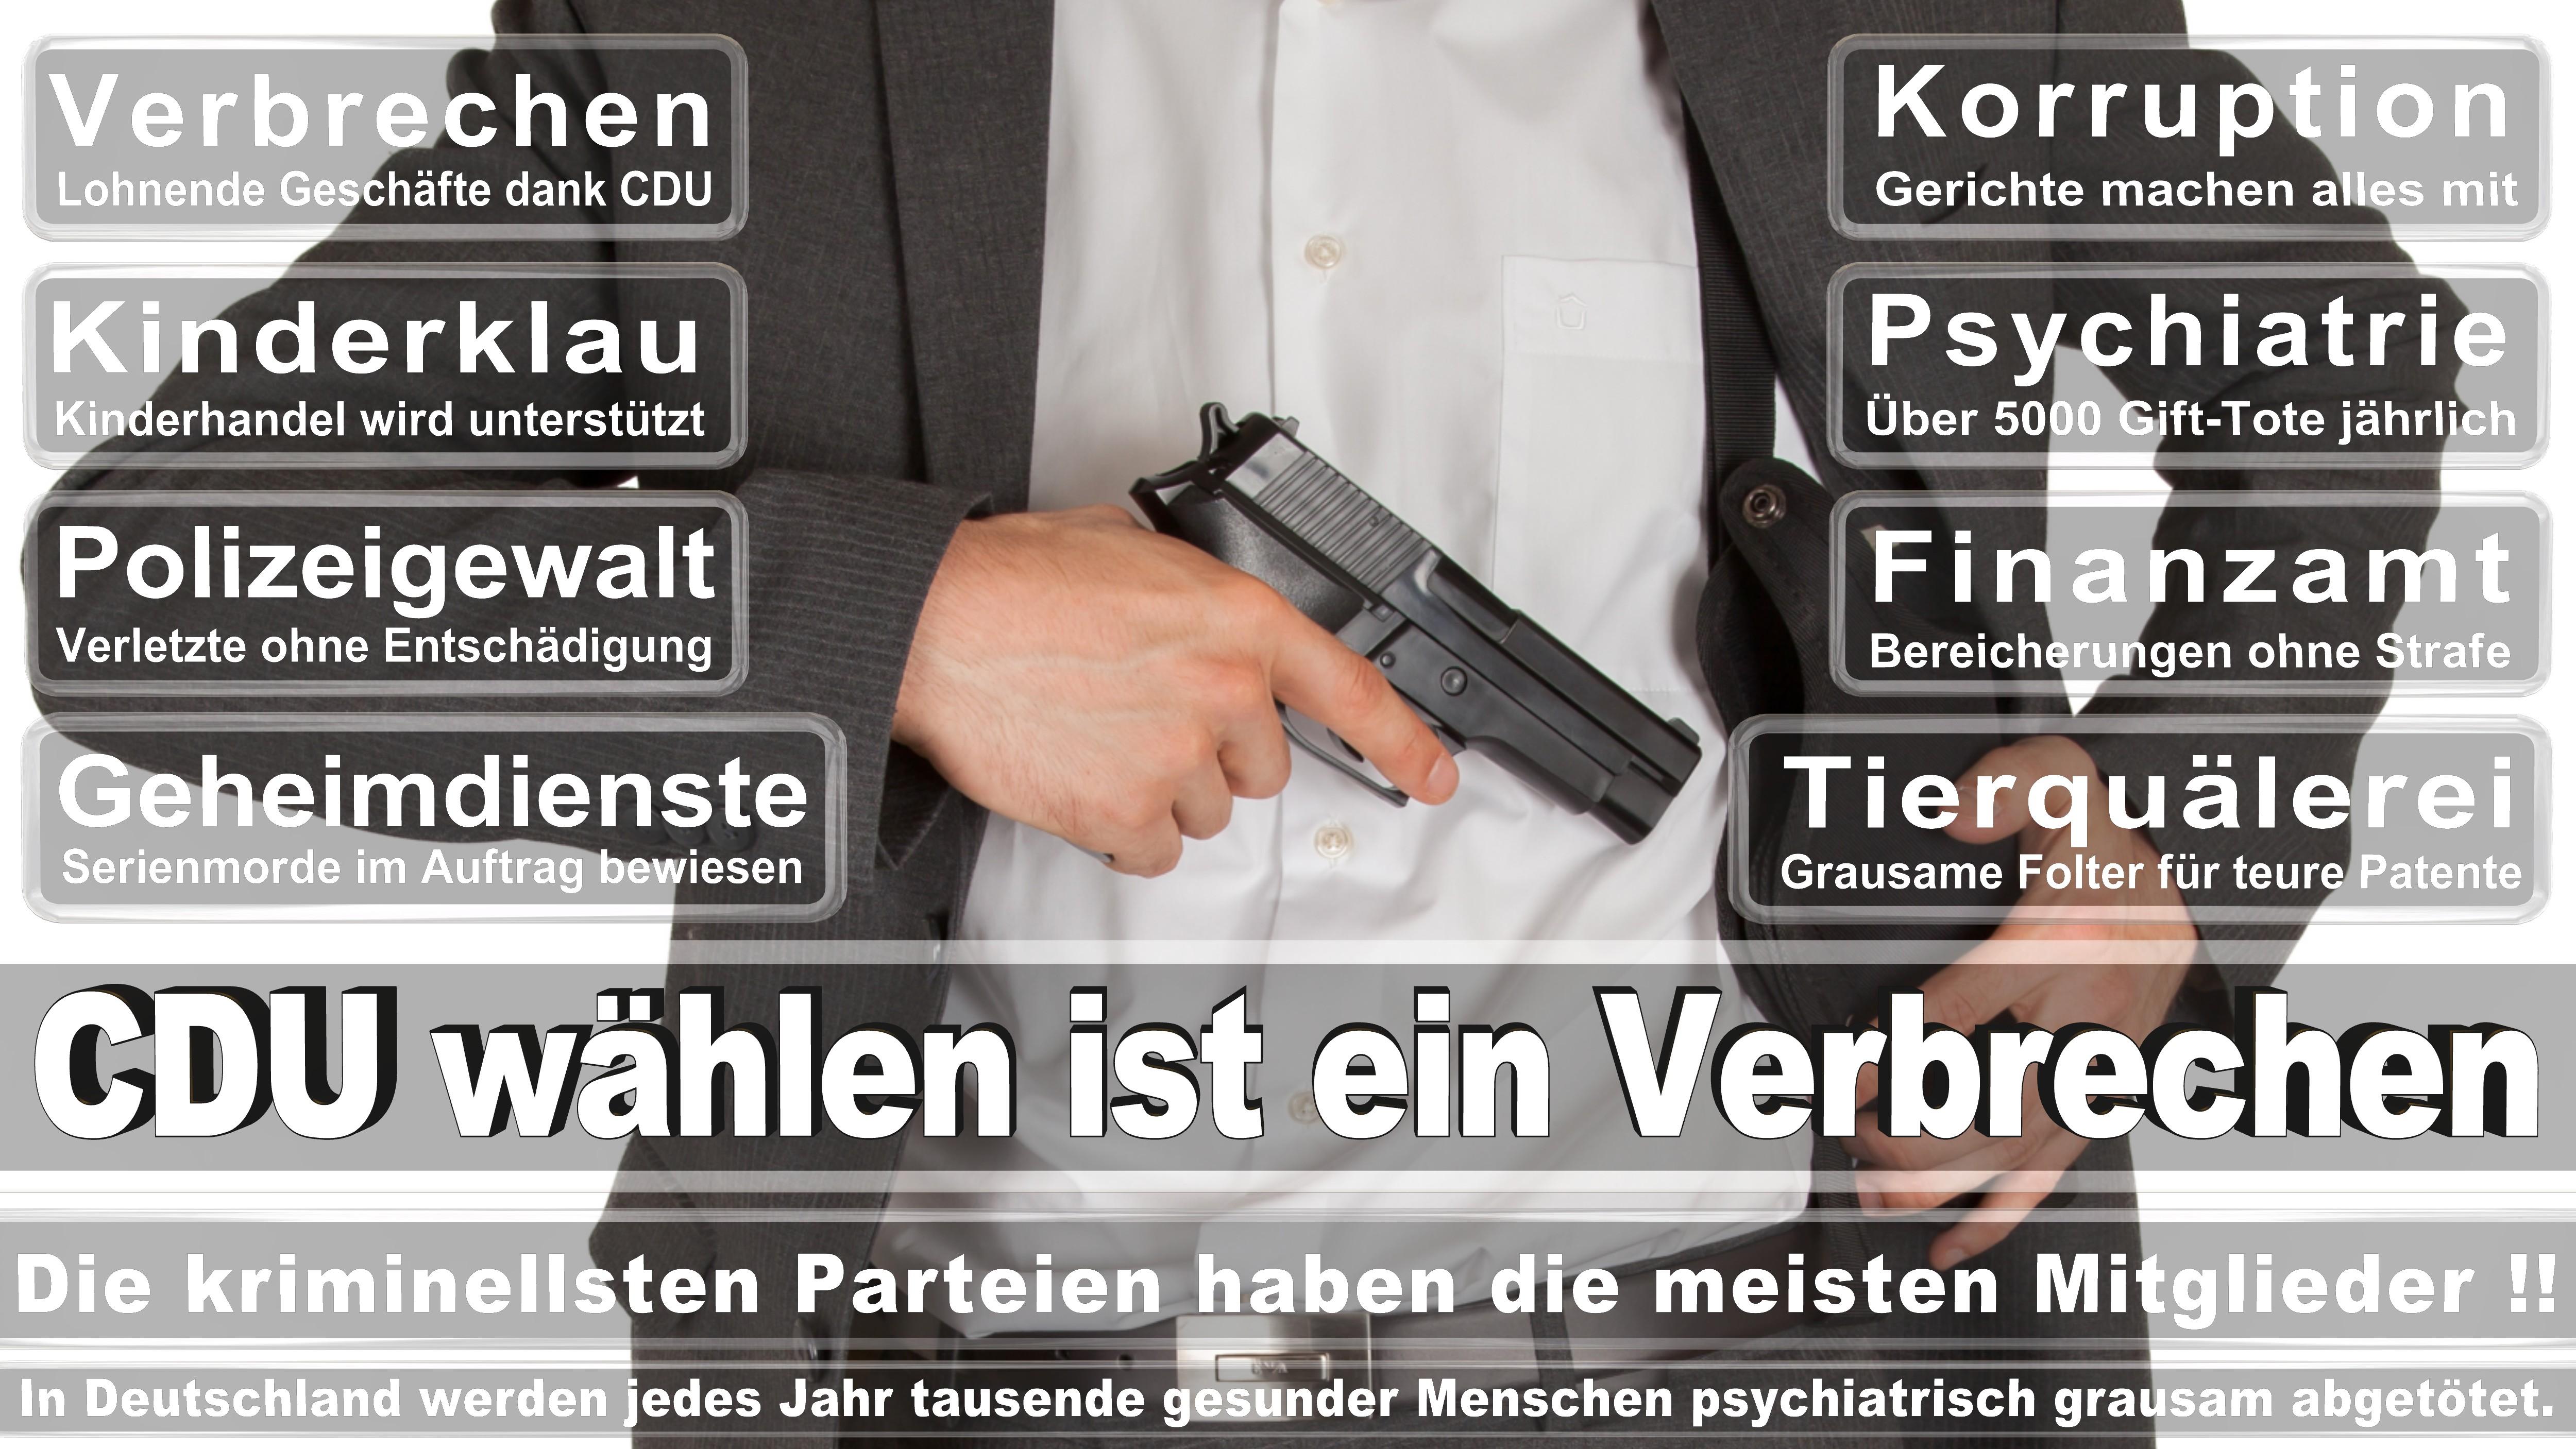 Rechtsanwalt Lars Christoph,